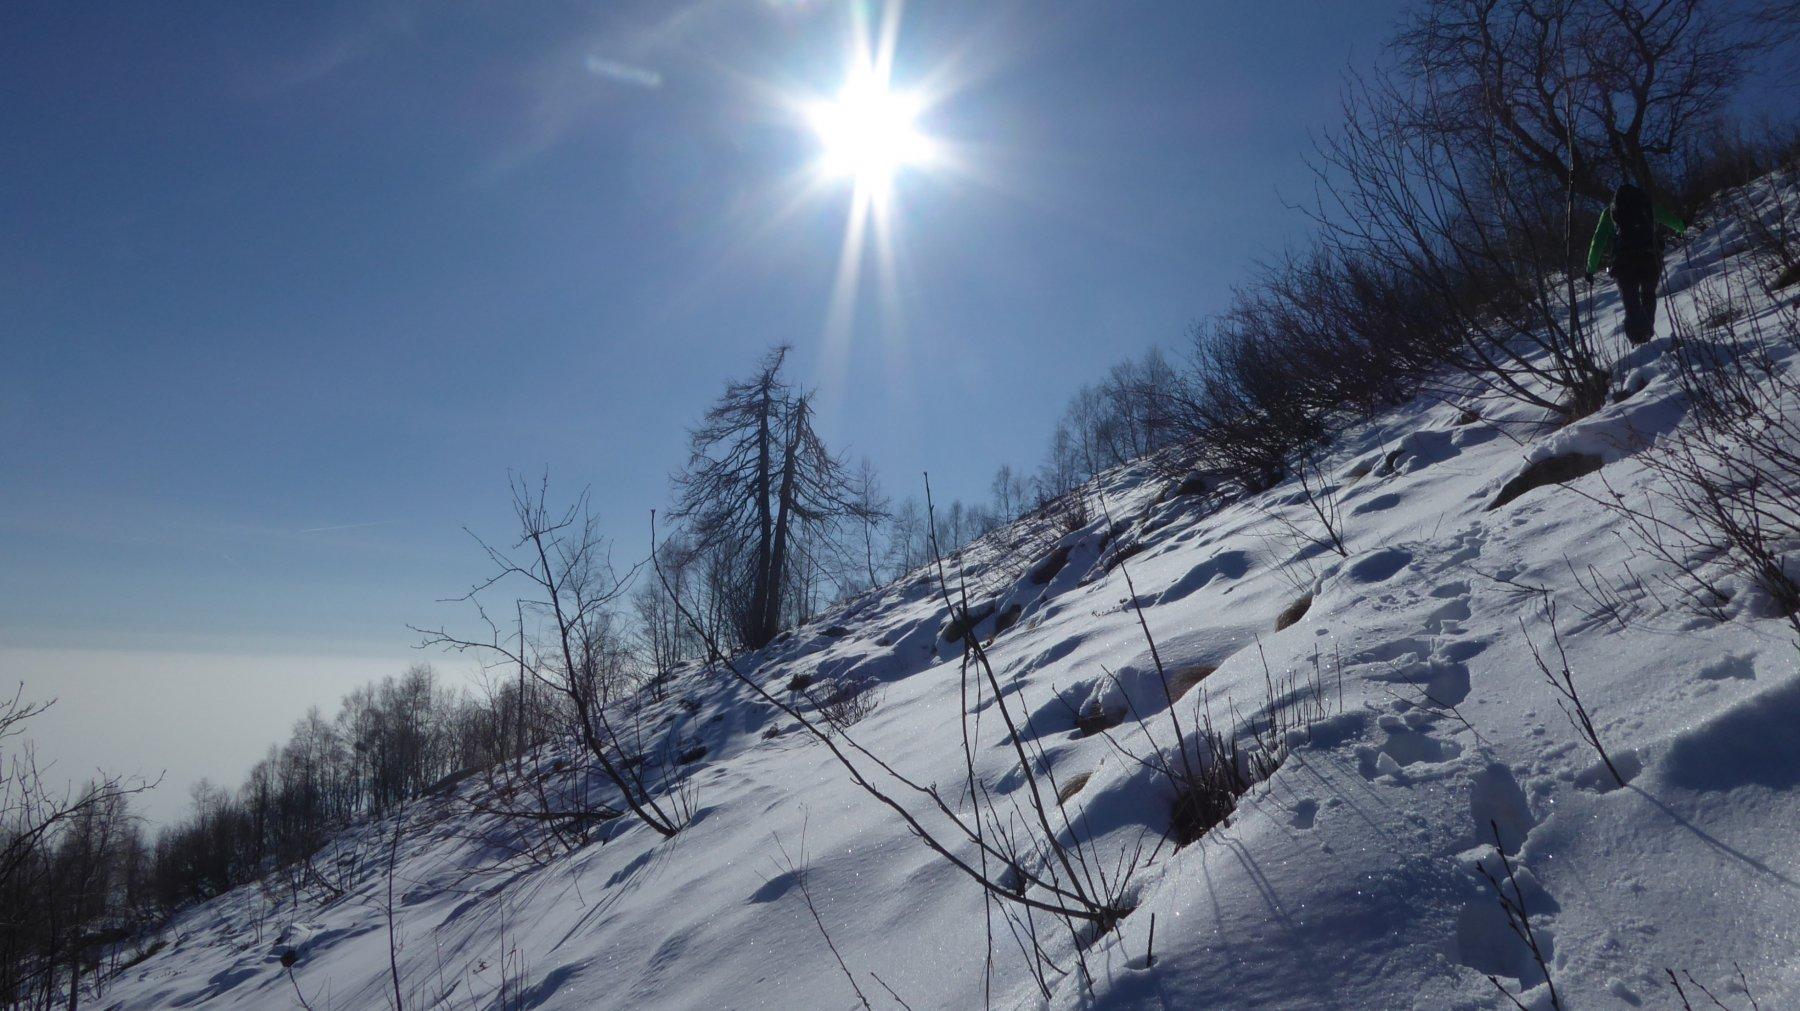 Salita su neve sfondosa!